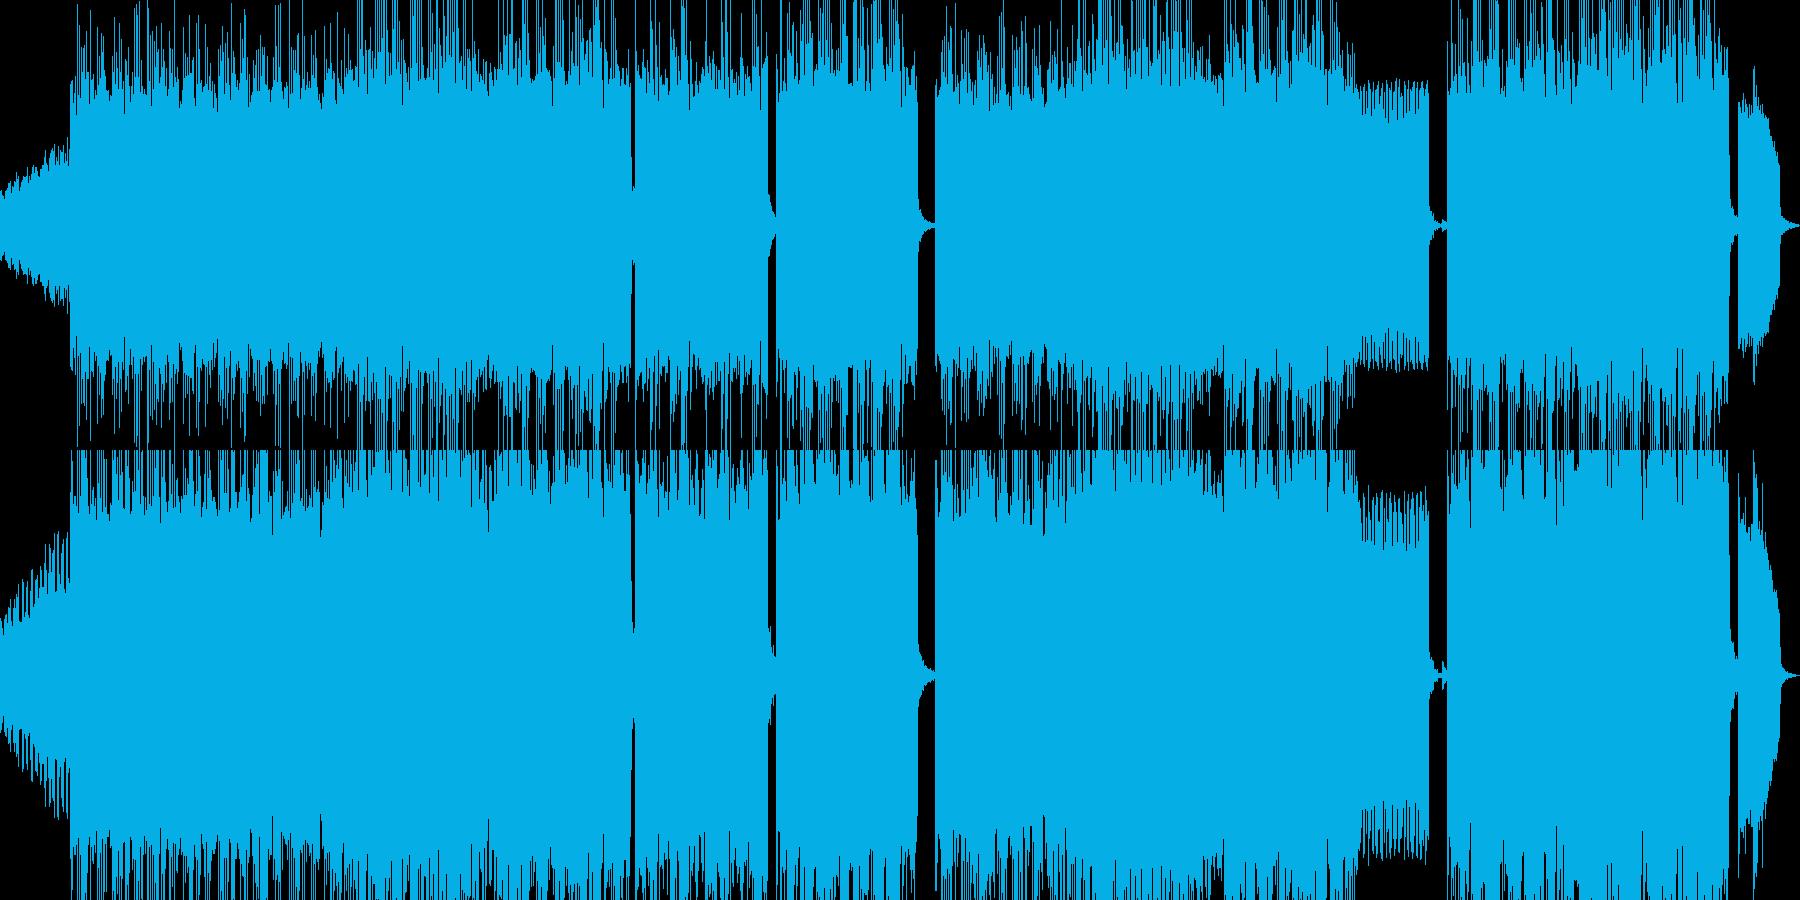 レトロゲームを表現した曲の再生済みの波形